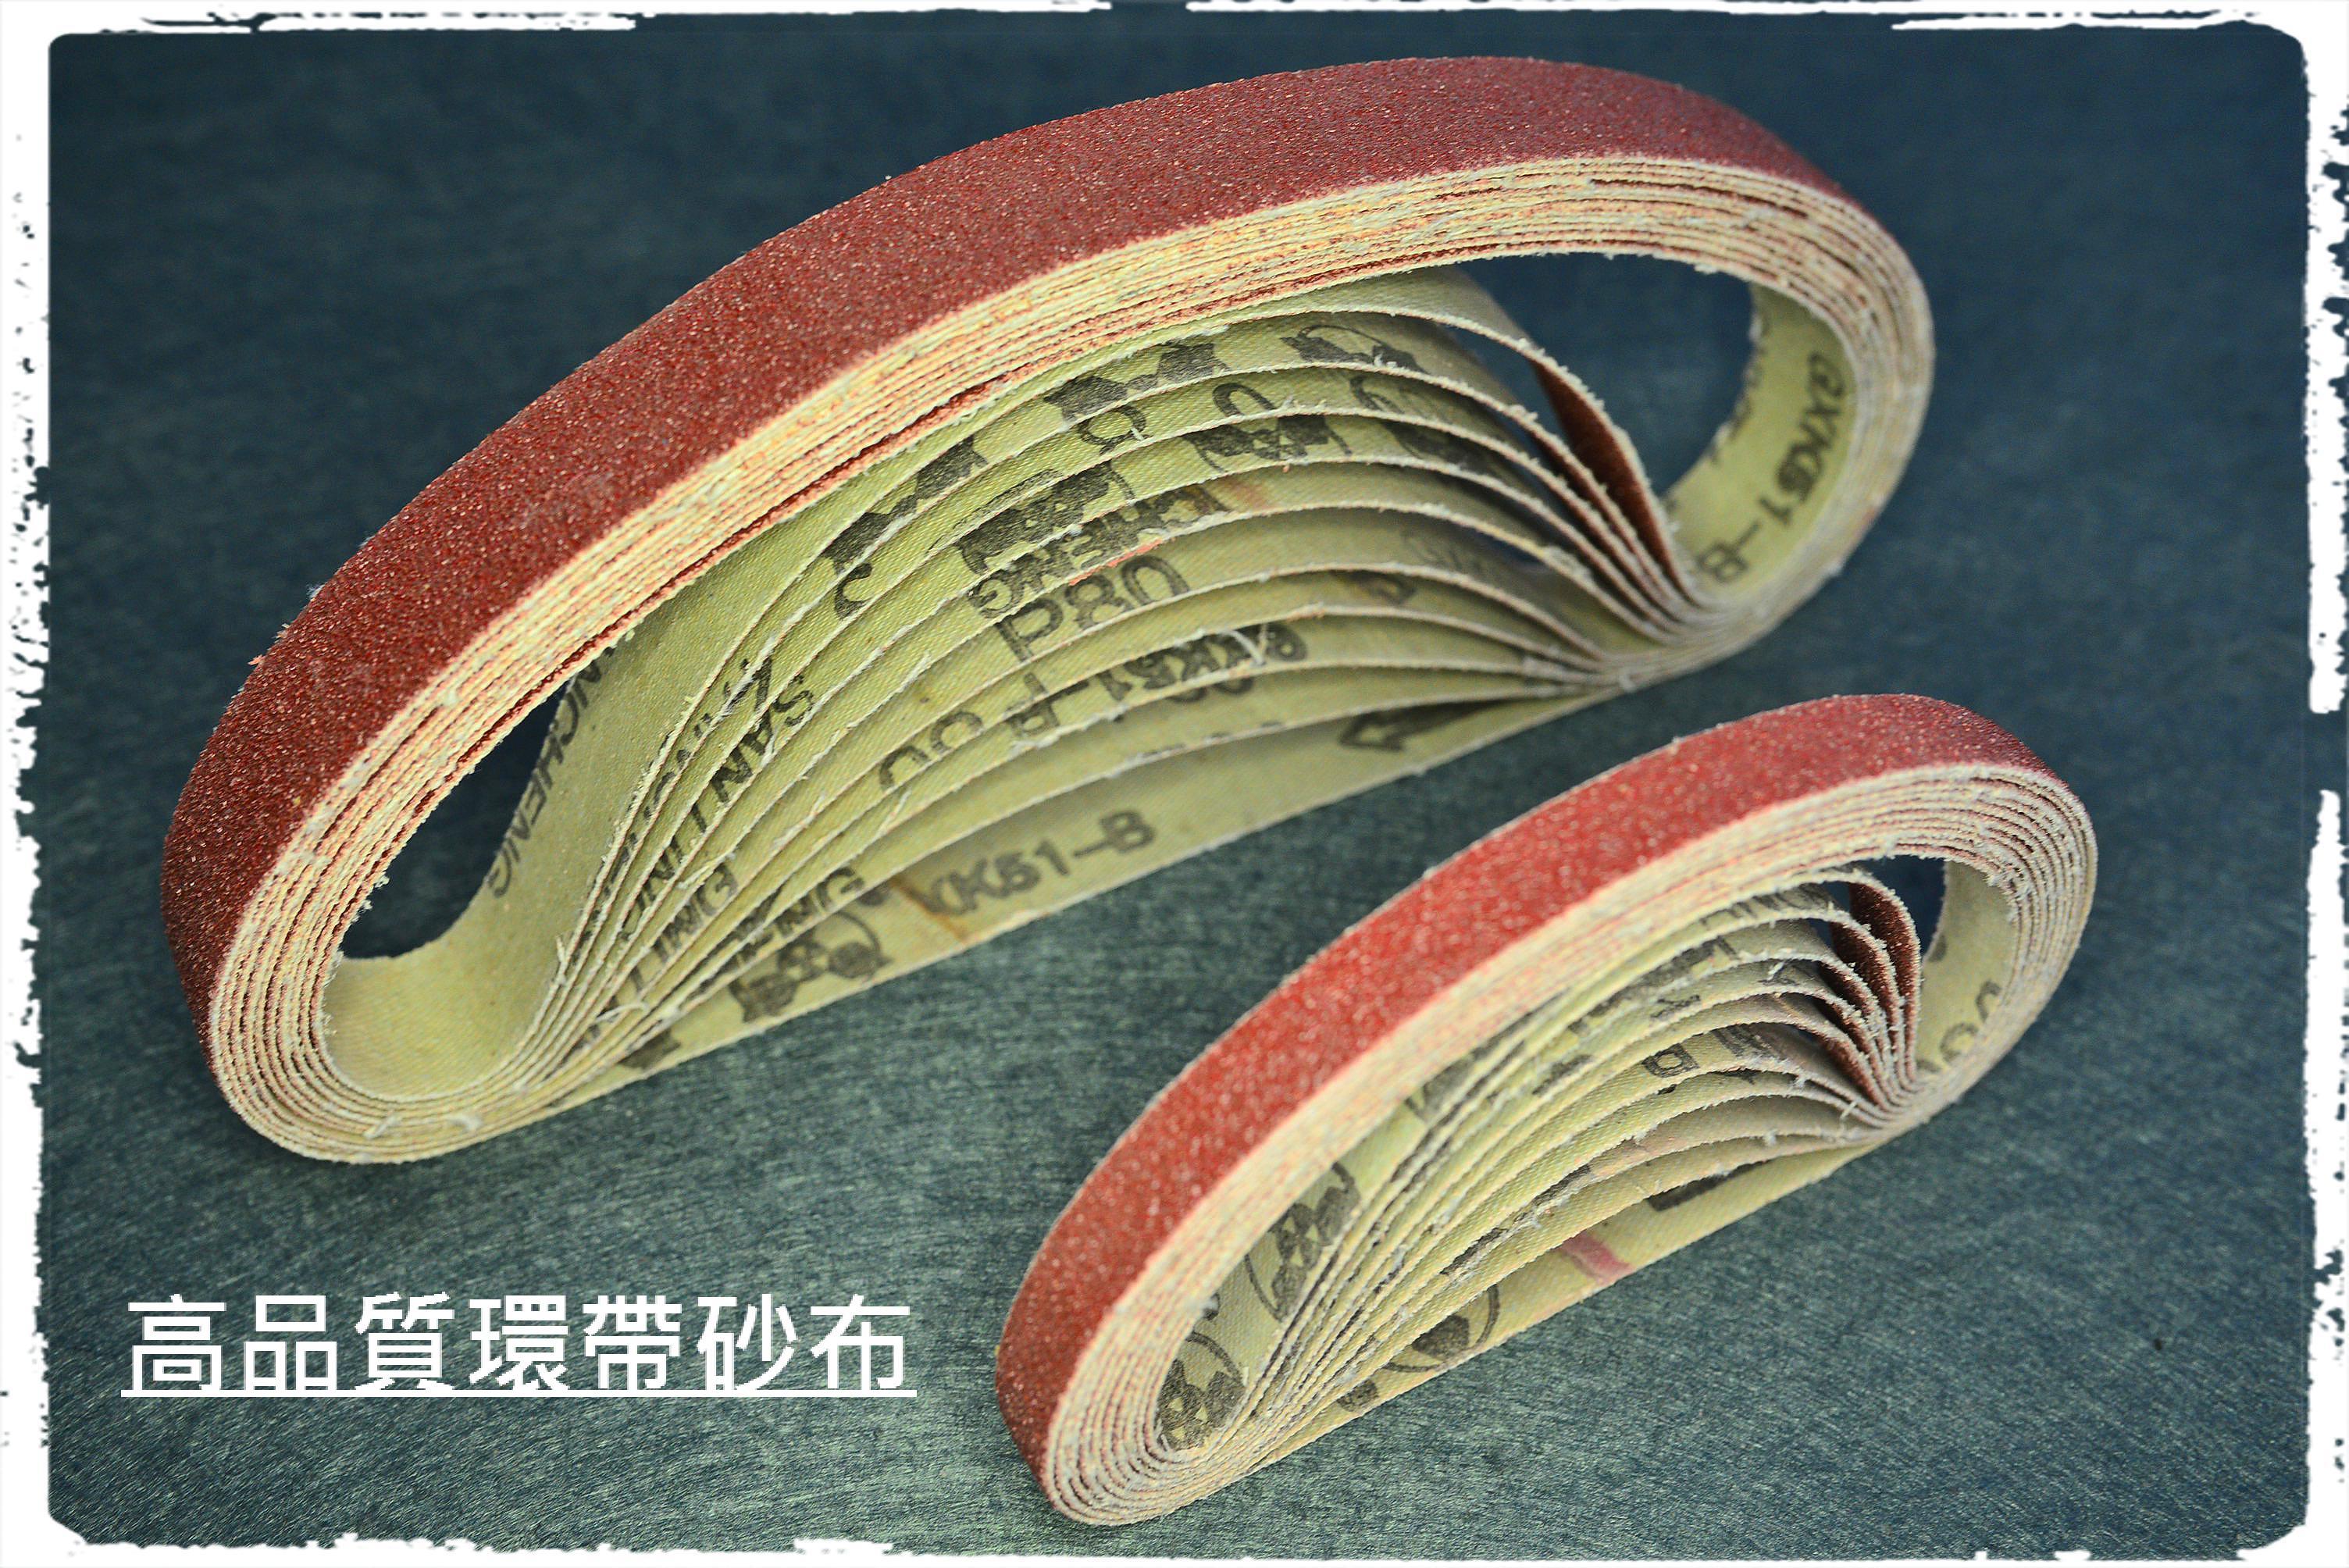 三菱 環帶砂布 砂布環帶 水砂紙 砂布輪 10mm 330mm 拋光研磨打磨 砂布捲砂帶機 無接縫無接頭 氣動鋰電動木工